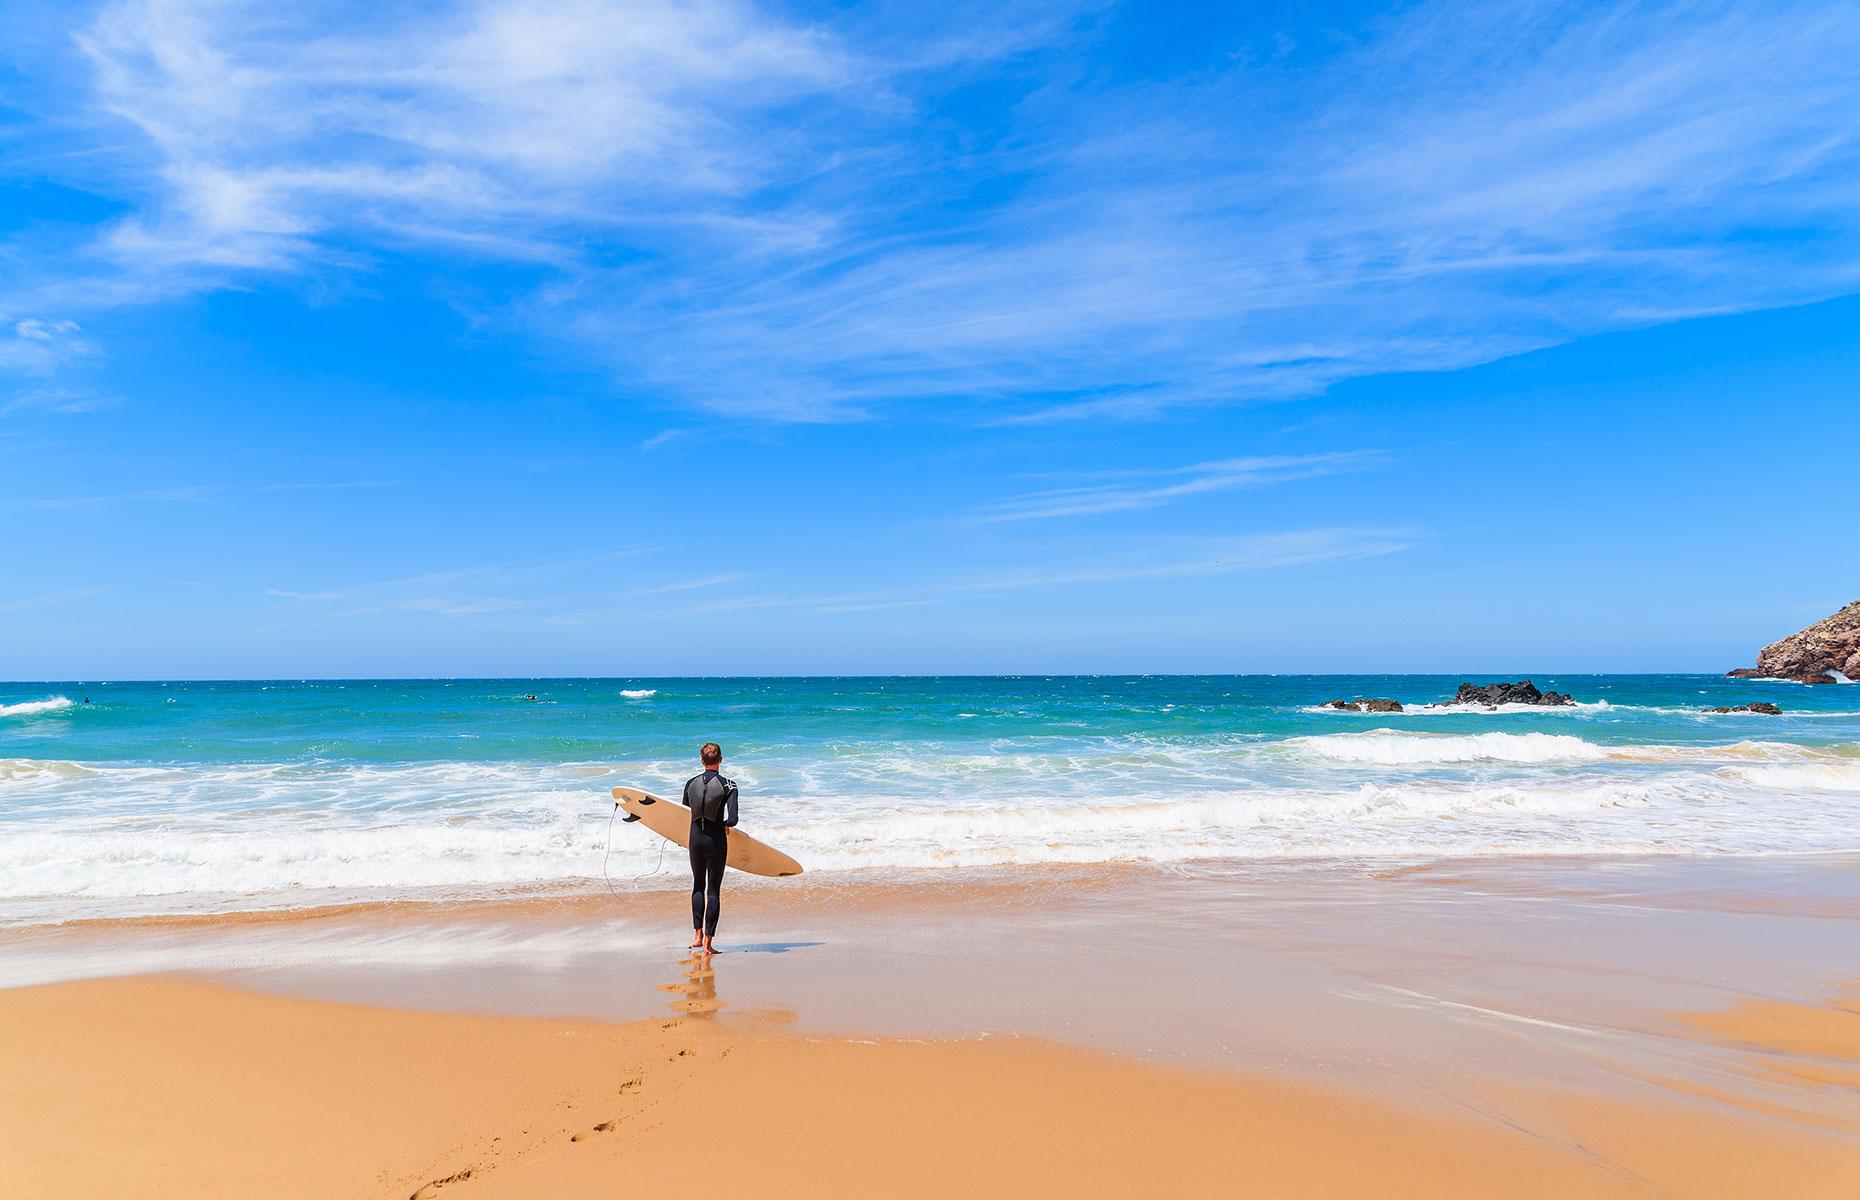 Amado beach, Sagres, Portugal